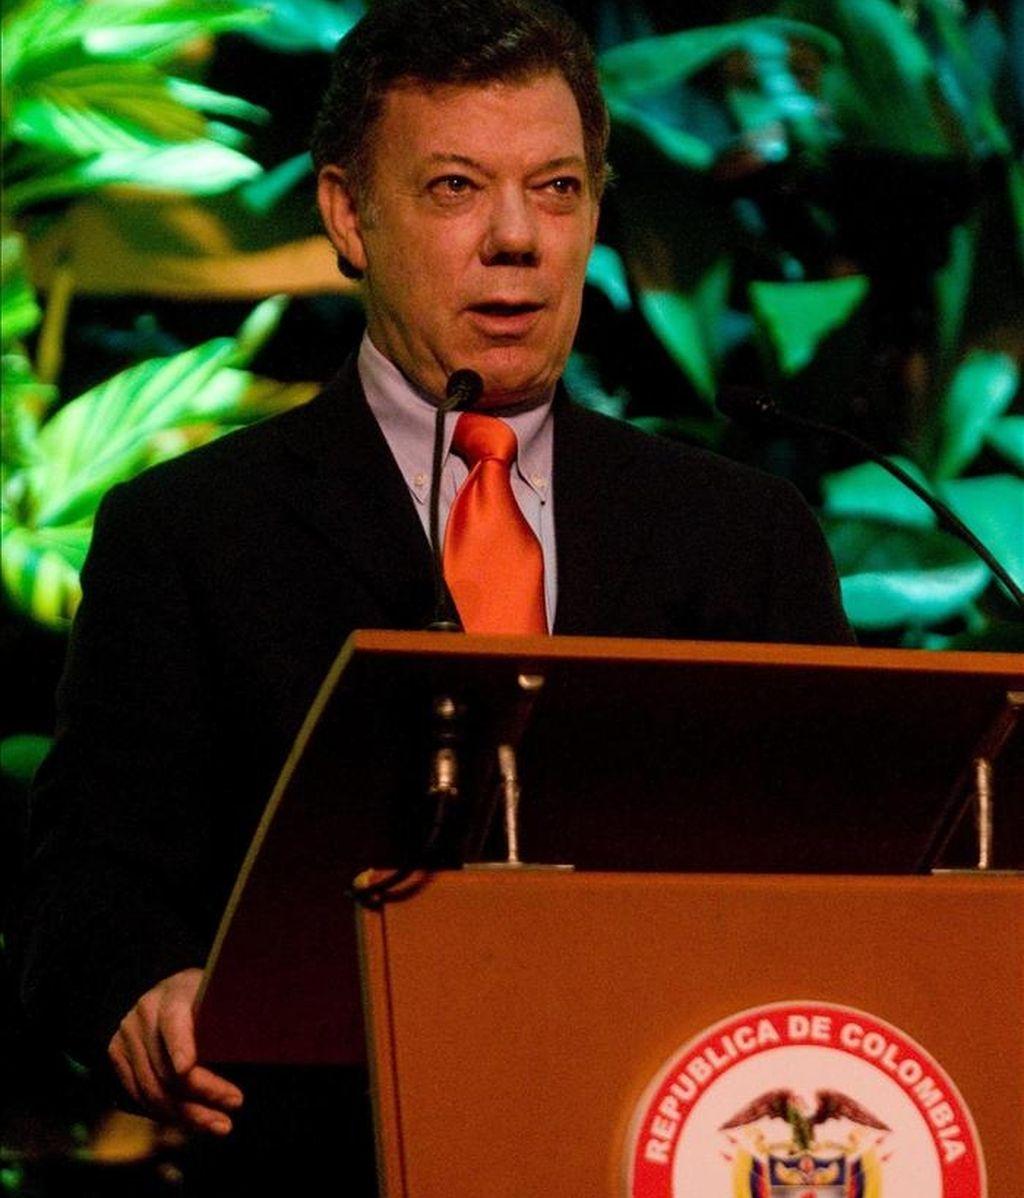 El presidente colombiano, Juan Manuel Santos, ofreció los buenos oficios de su país para desde el Consejo de Seguridad de la ONU. EFE/Archivo